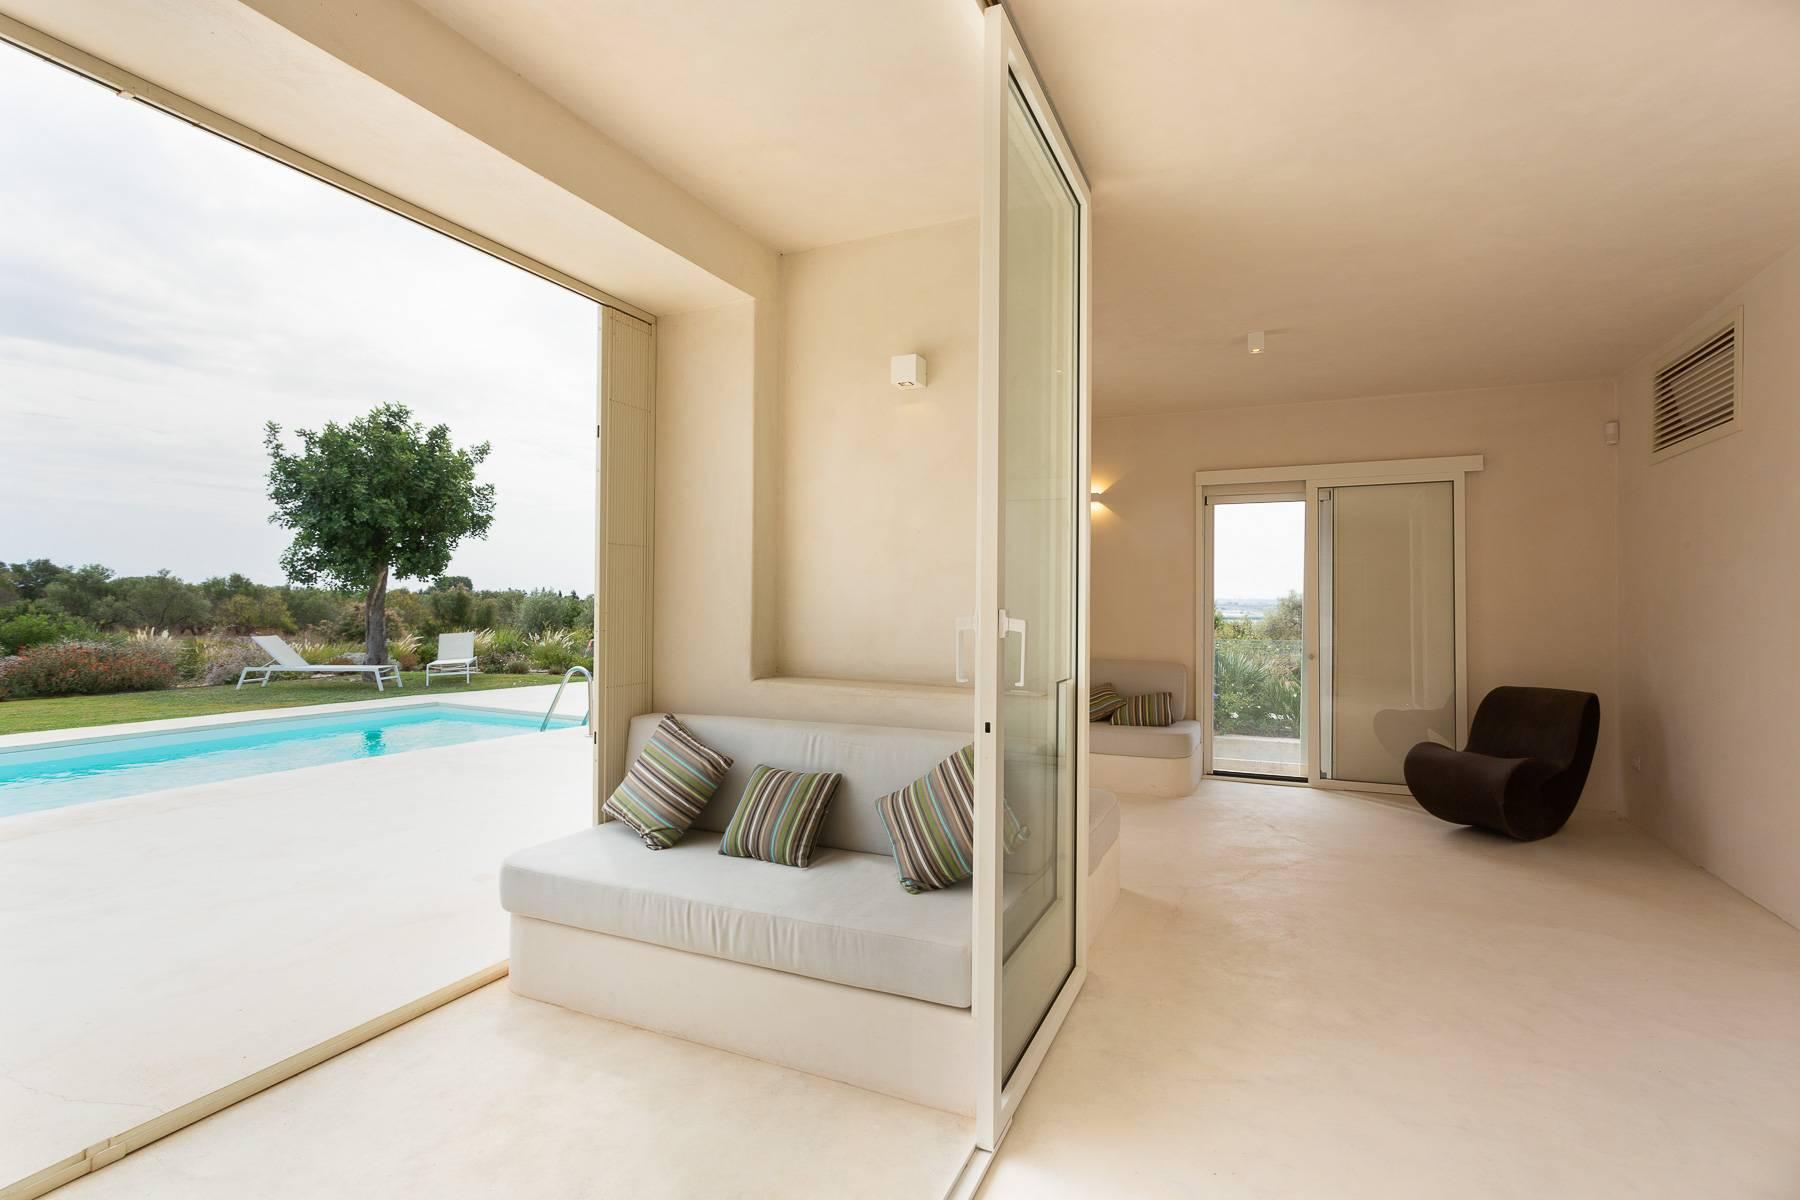 Villa in Vendita a Noto: 5 locali, 245 mq - Foto 11